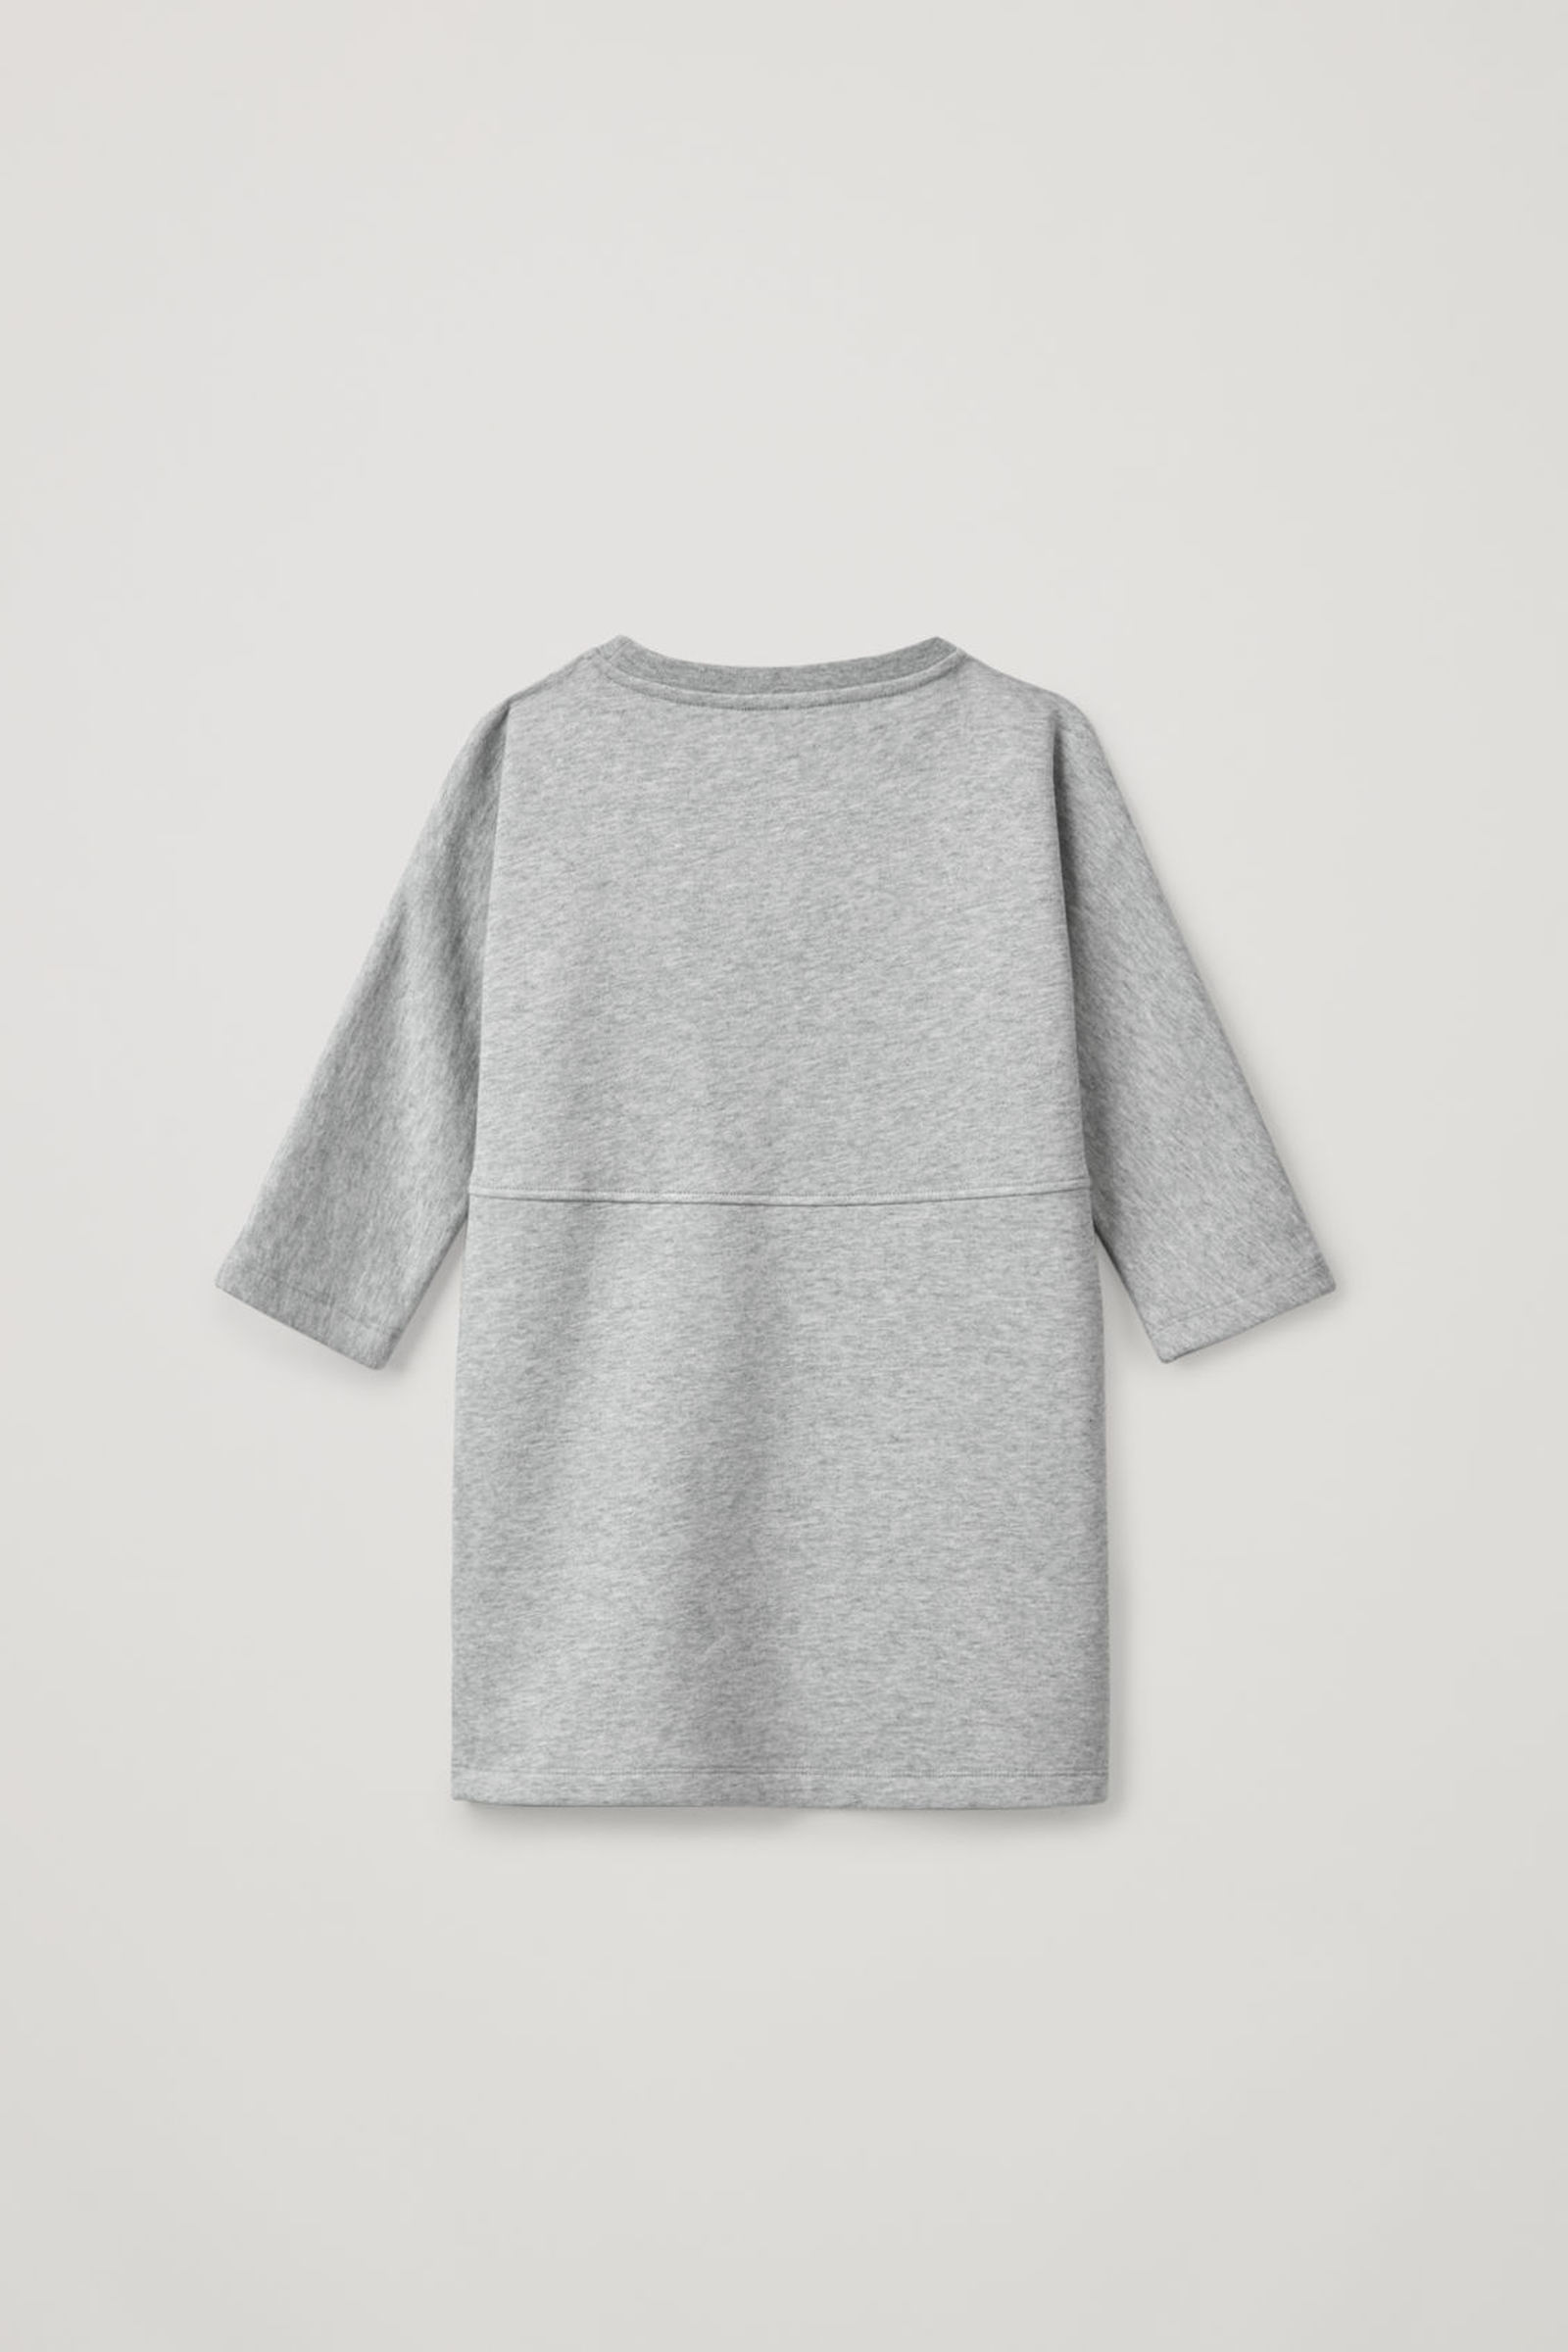 COS 서클 프린트 드레스의 골드 / 라이트 그레이컬러 상품컷입니다.